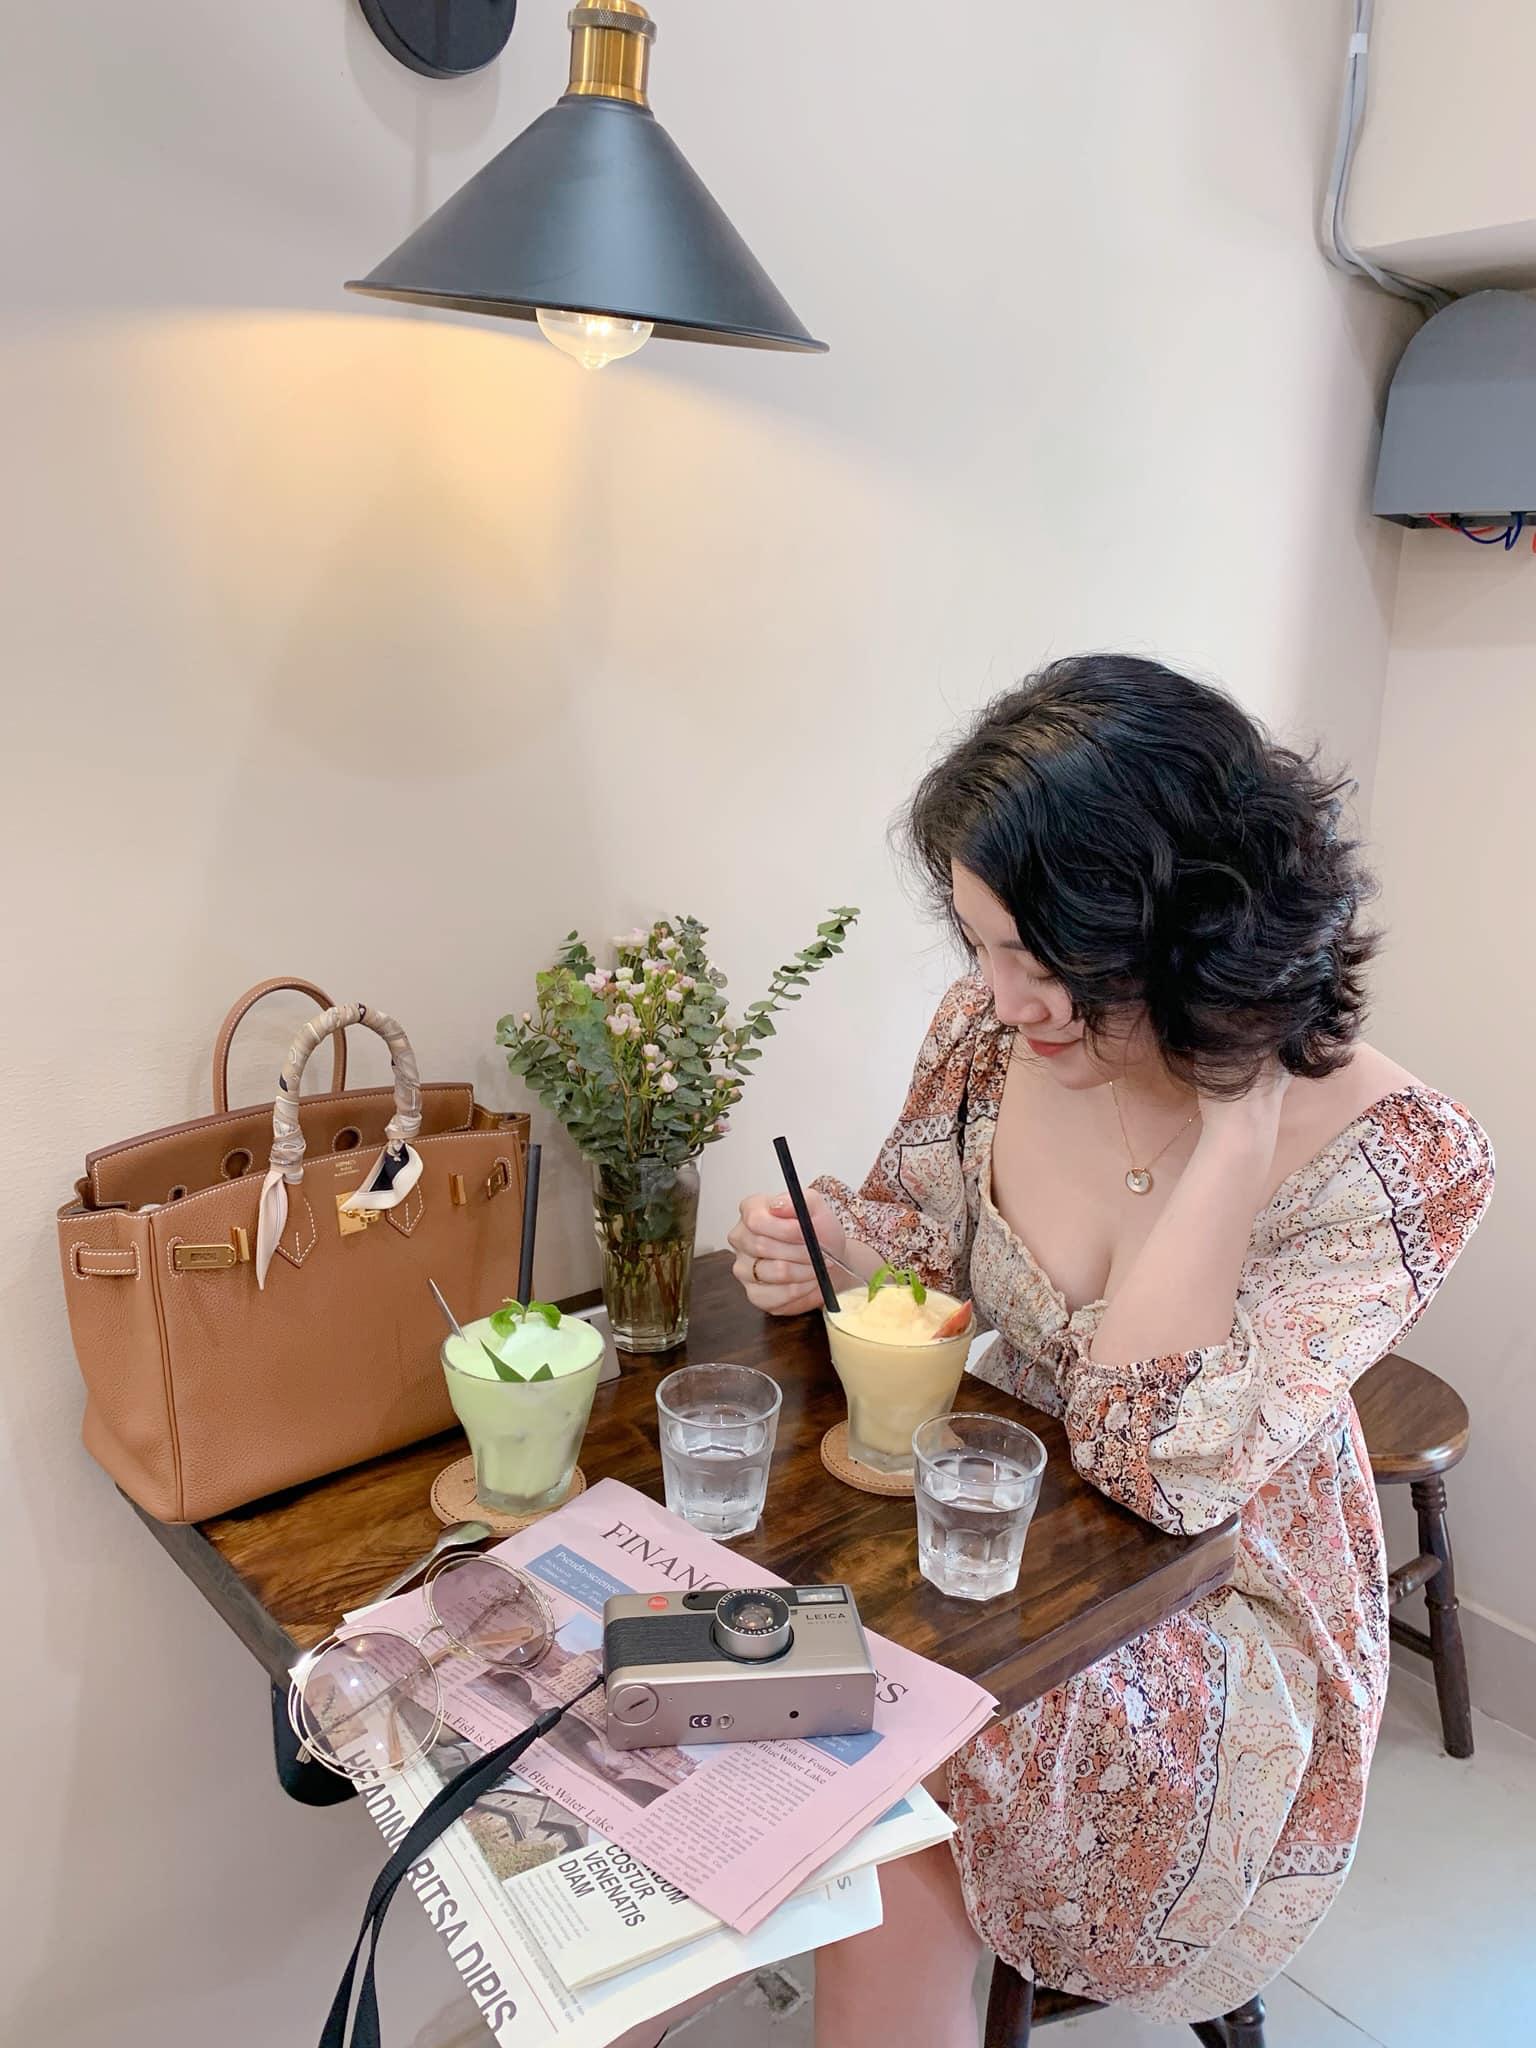 Dịp 20/10, đừng quên rủ nàng đến một trong những địa chỉ cafe lãng mạn ngay dưới đây tại Hà Nội - Ảnh 5.